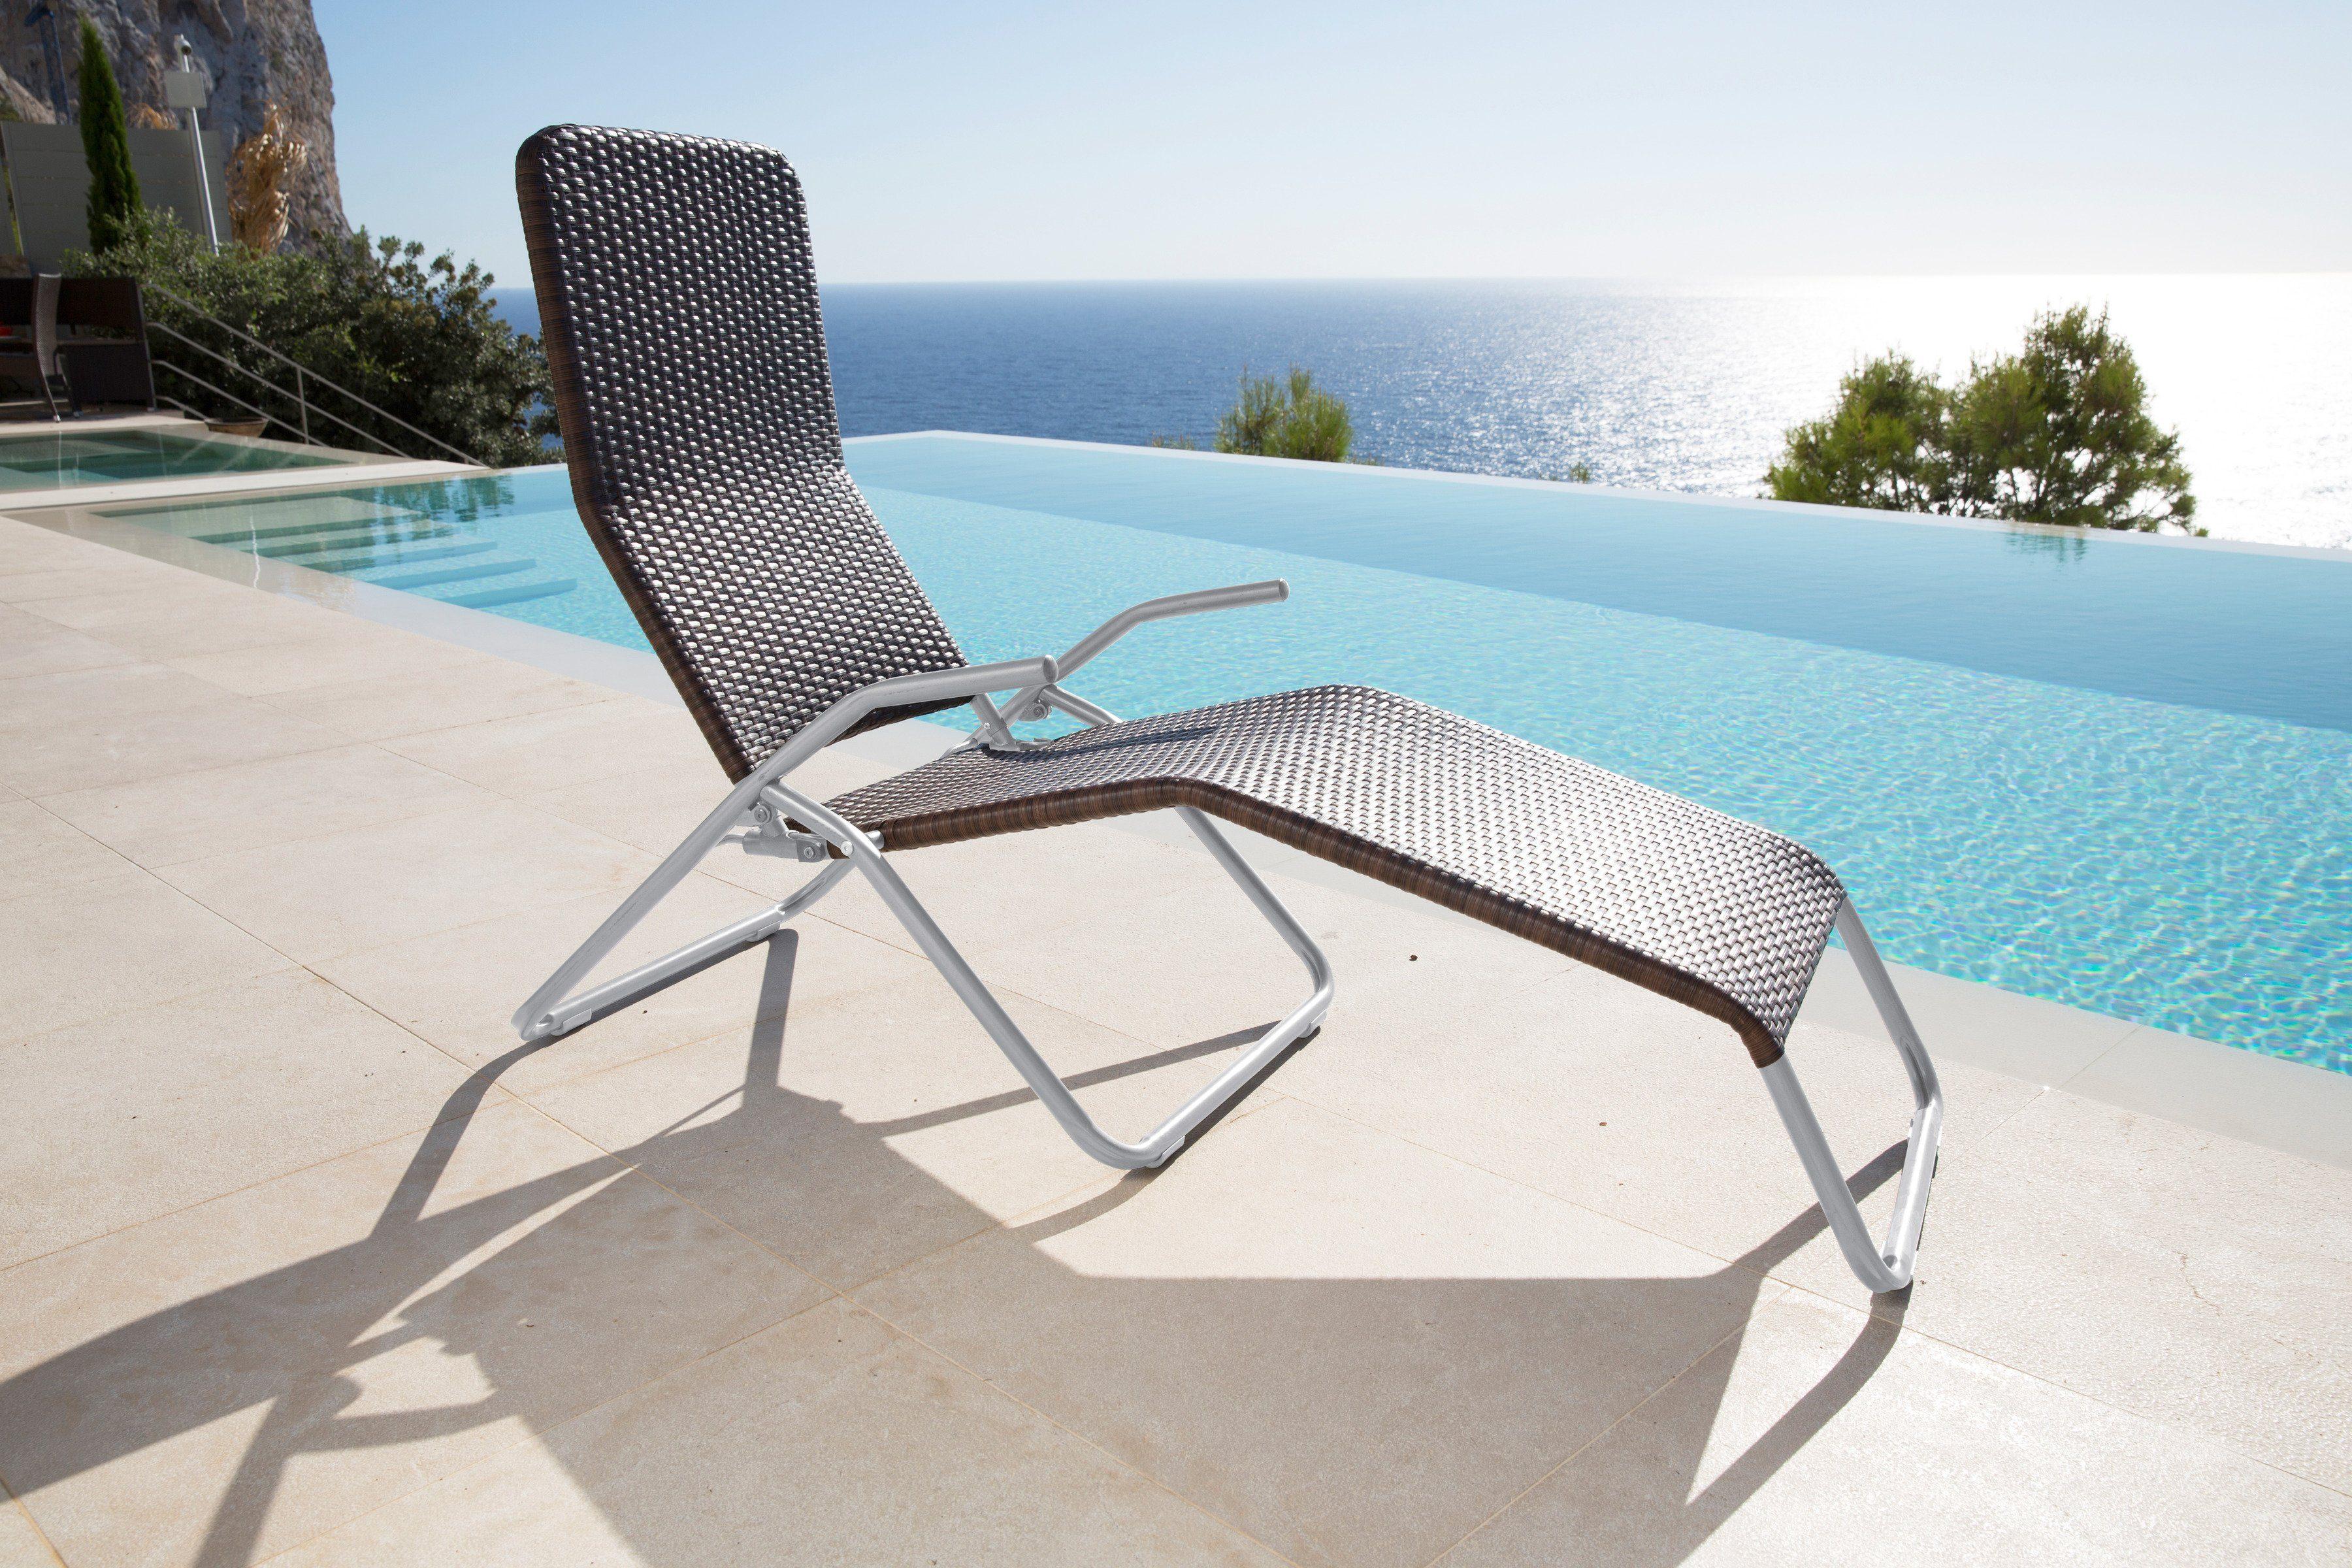 sonnenliege extra hoch osoltus dreibeinliege xxl. Black Bedroom Furniture Sets. Home Design Ideas